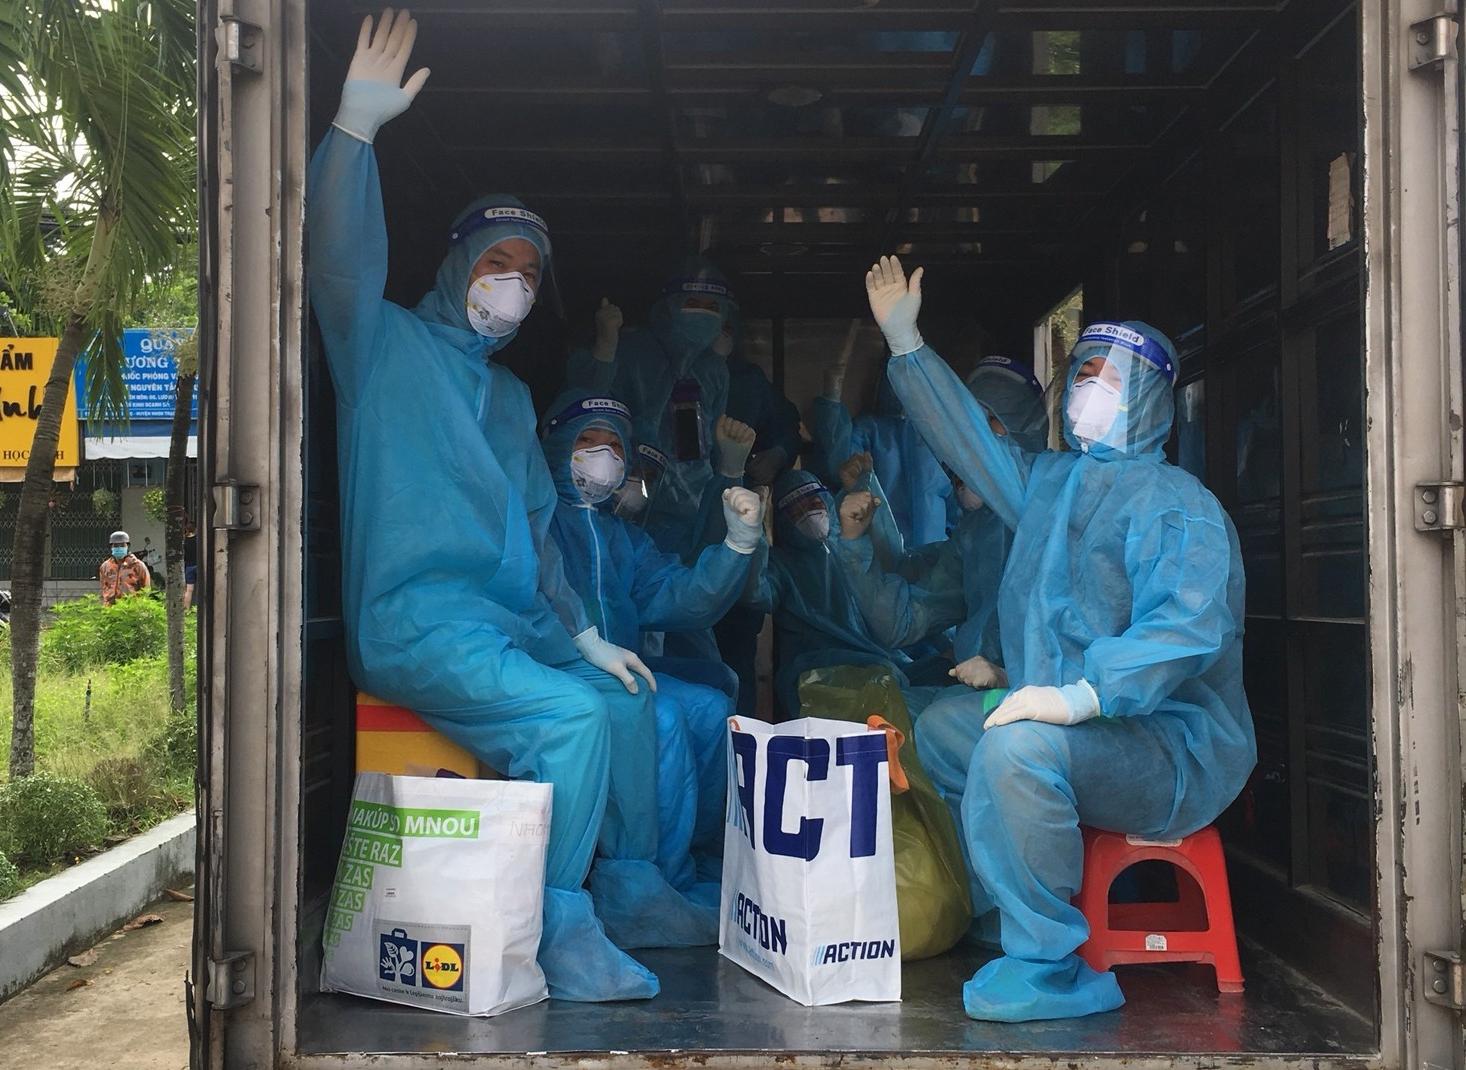 Hình ảnh đoàn cán bộ y tế Lào Cai tham gia chống dịch tại Đồng Nai.